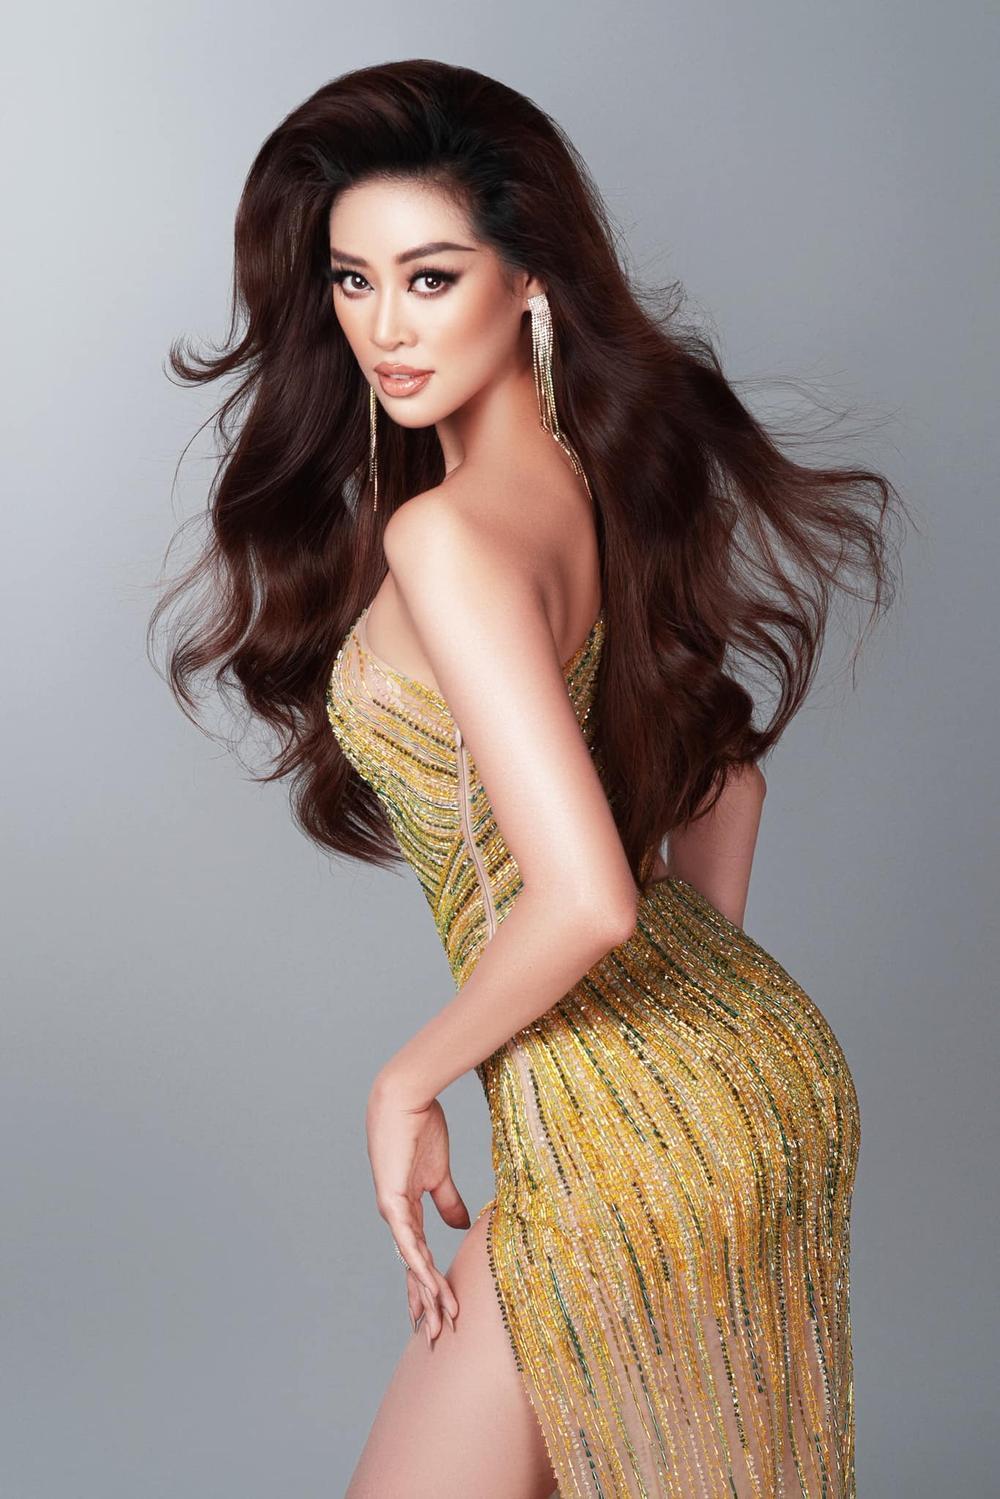 8 chủ đề hùng biện cực gắt cho Top 5 Miss Universe: Khánh Vân đã sẵn sàng lan tỏa trái tim yêu thương? Ảnh 10